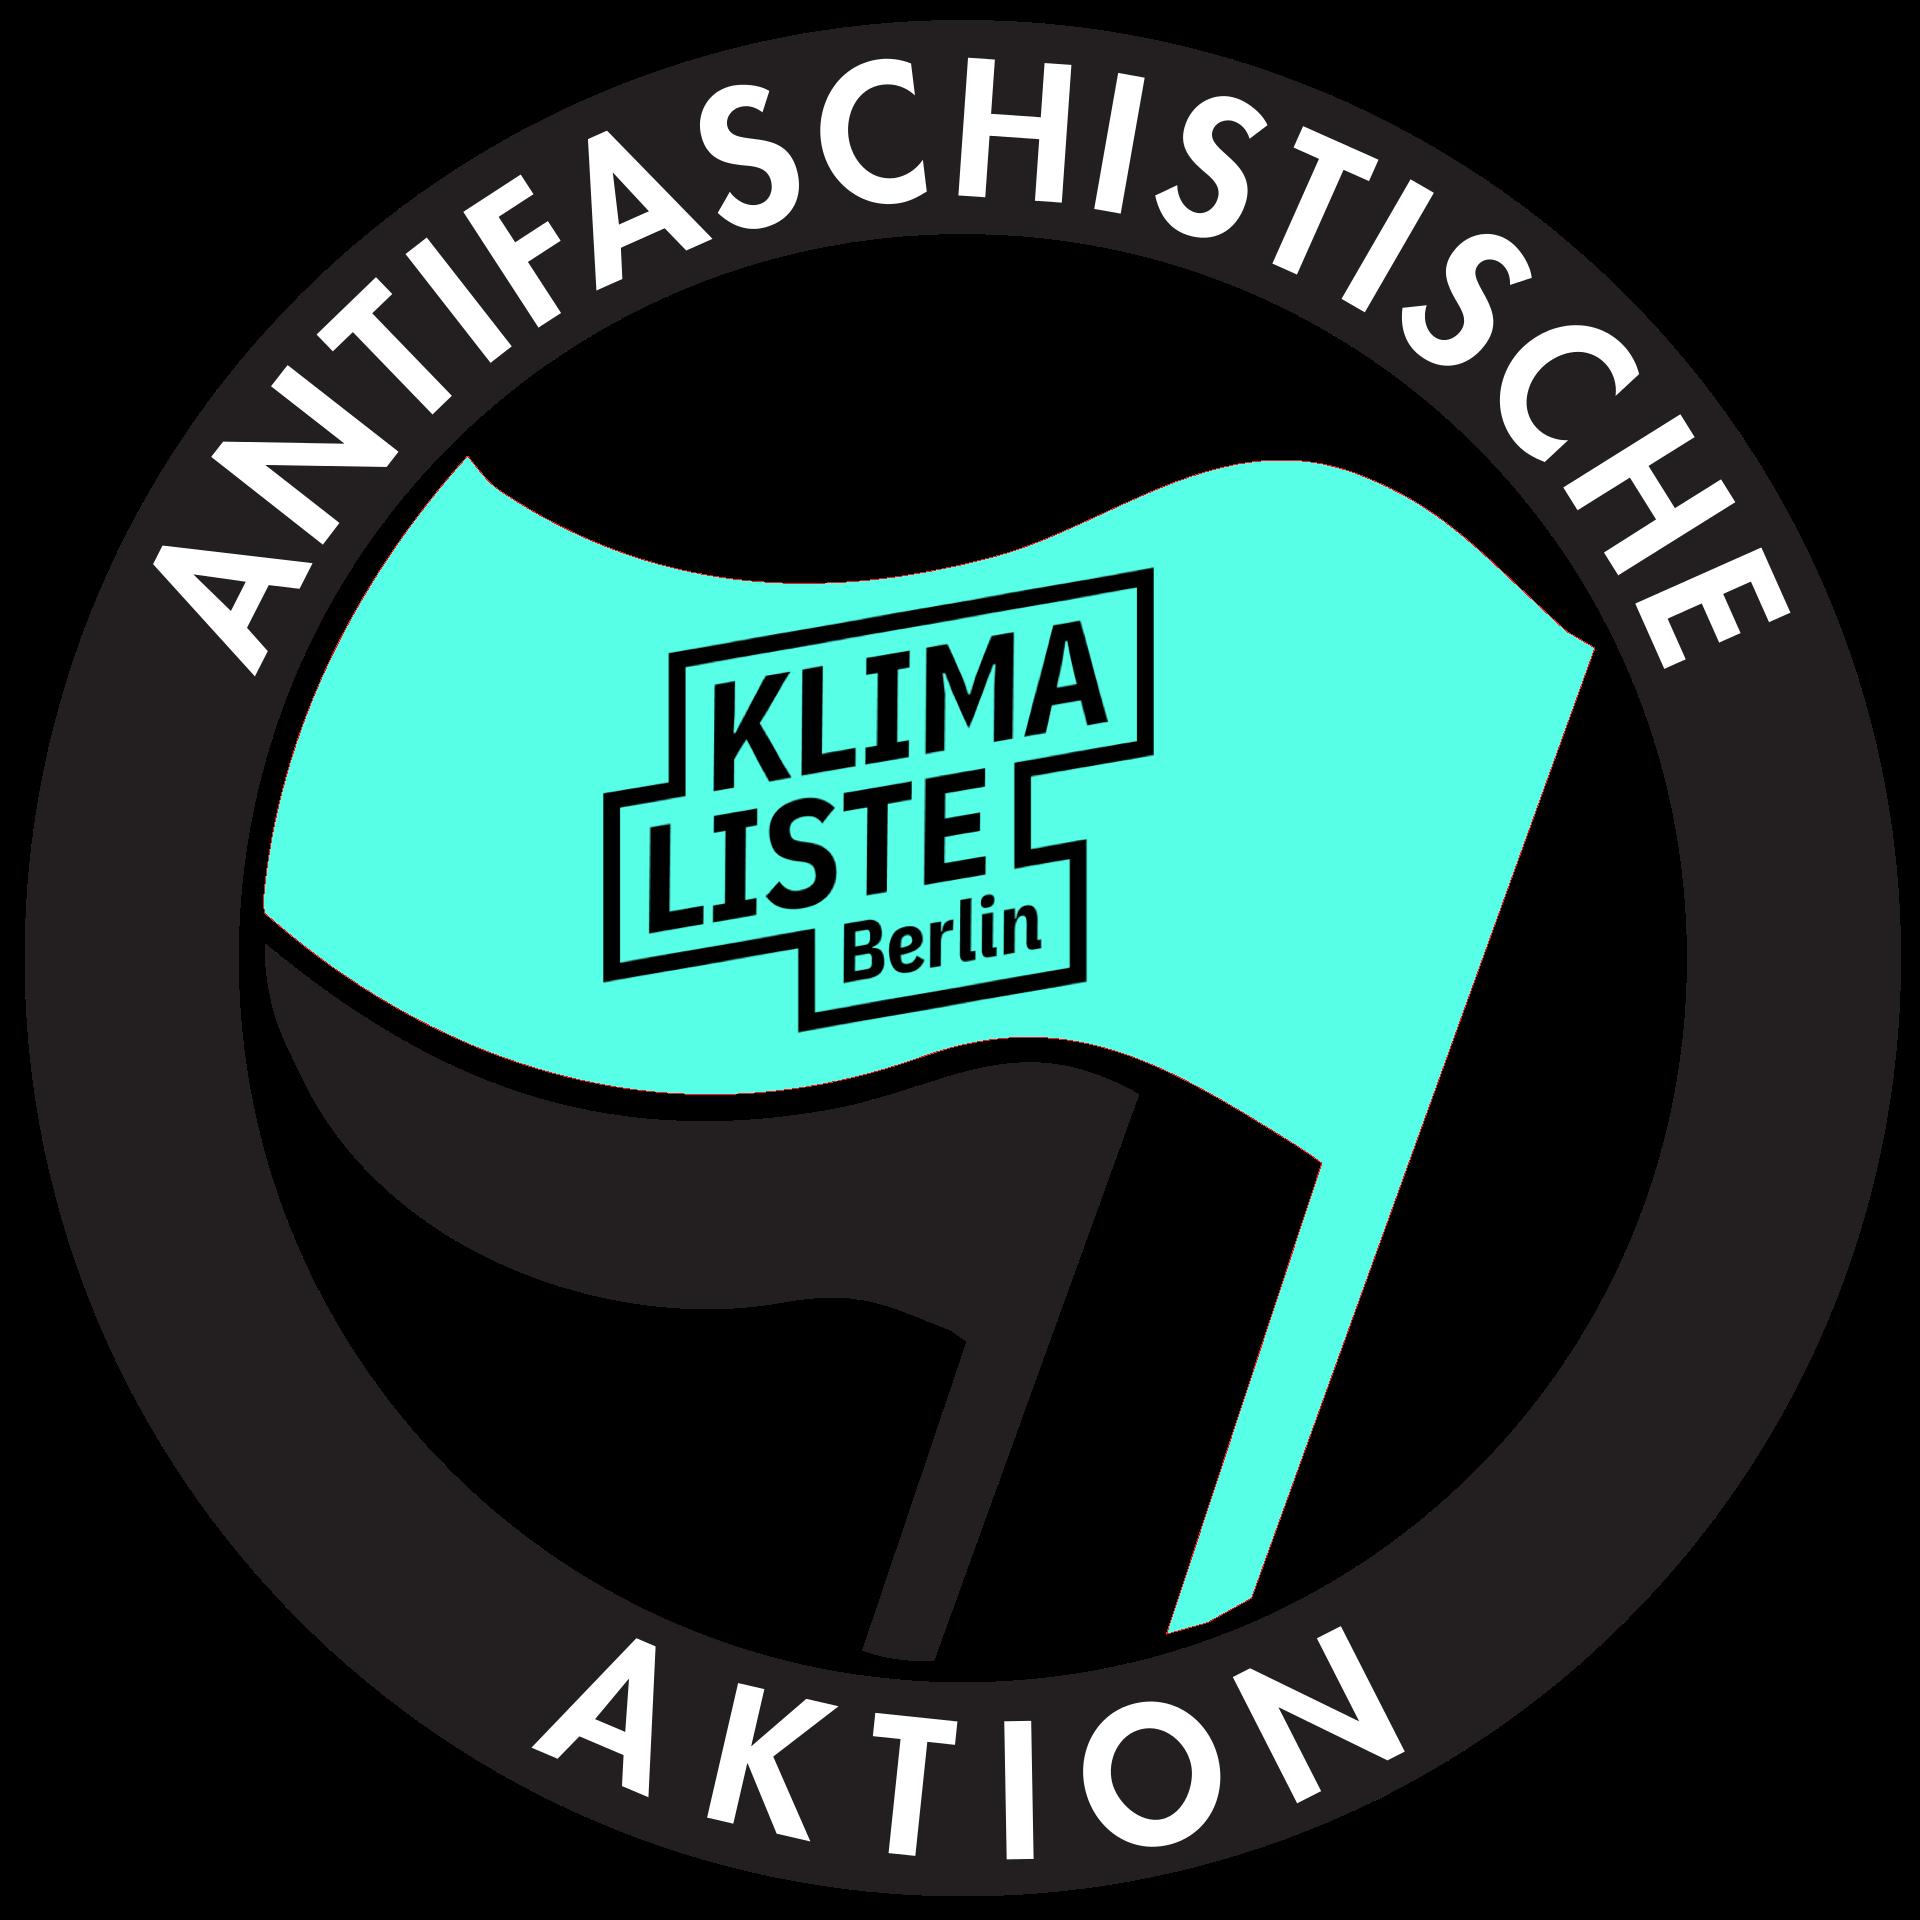 Antifaschistische Aktion Klimaliste Berlin